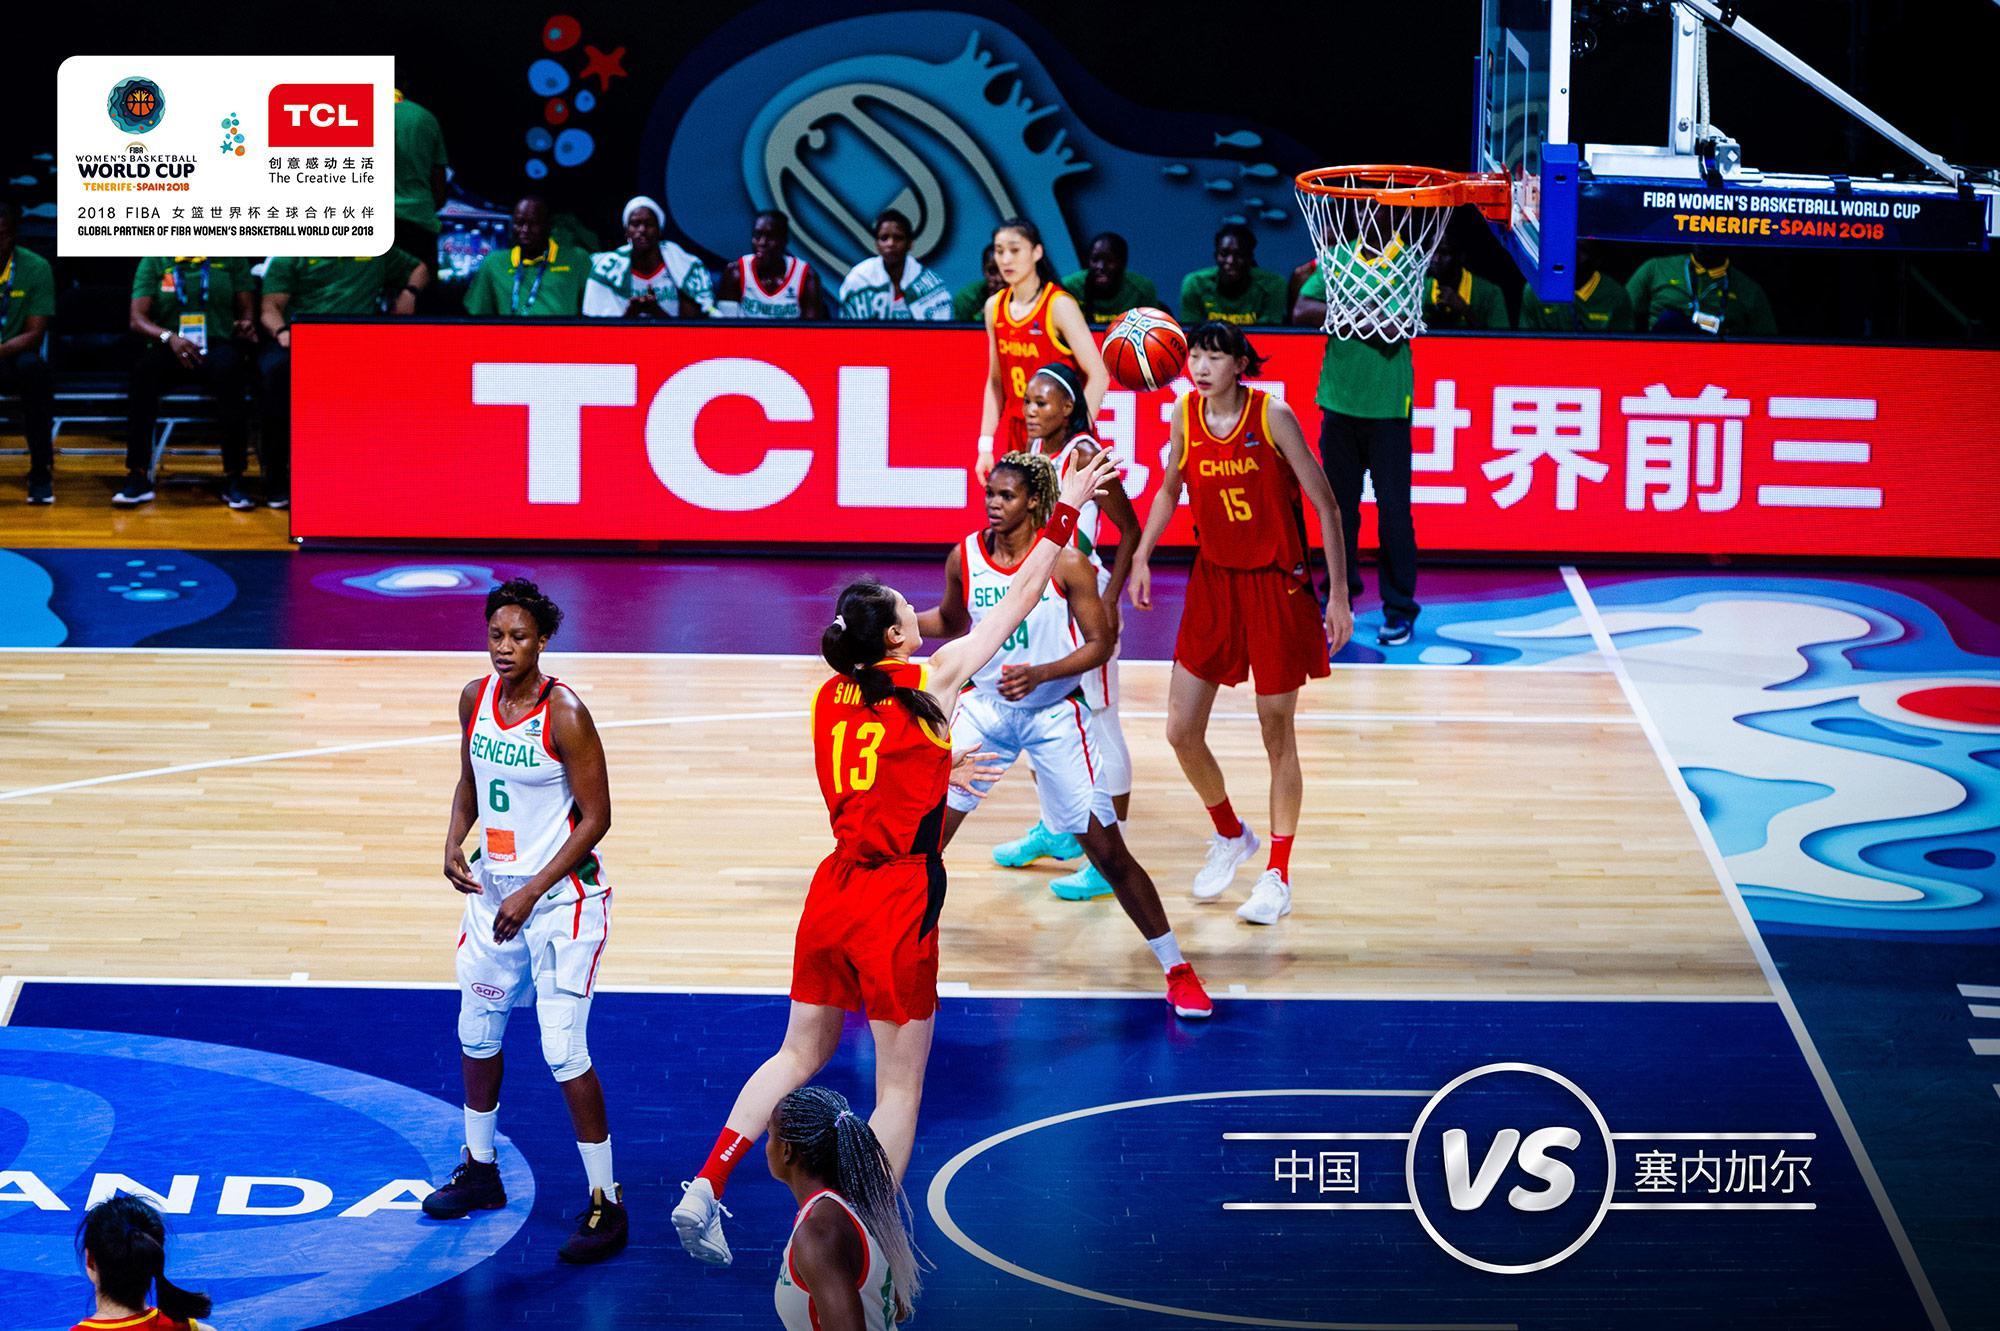 女篮世界杯中国队砥砺前行,TCL电视携手并进全球展英姿